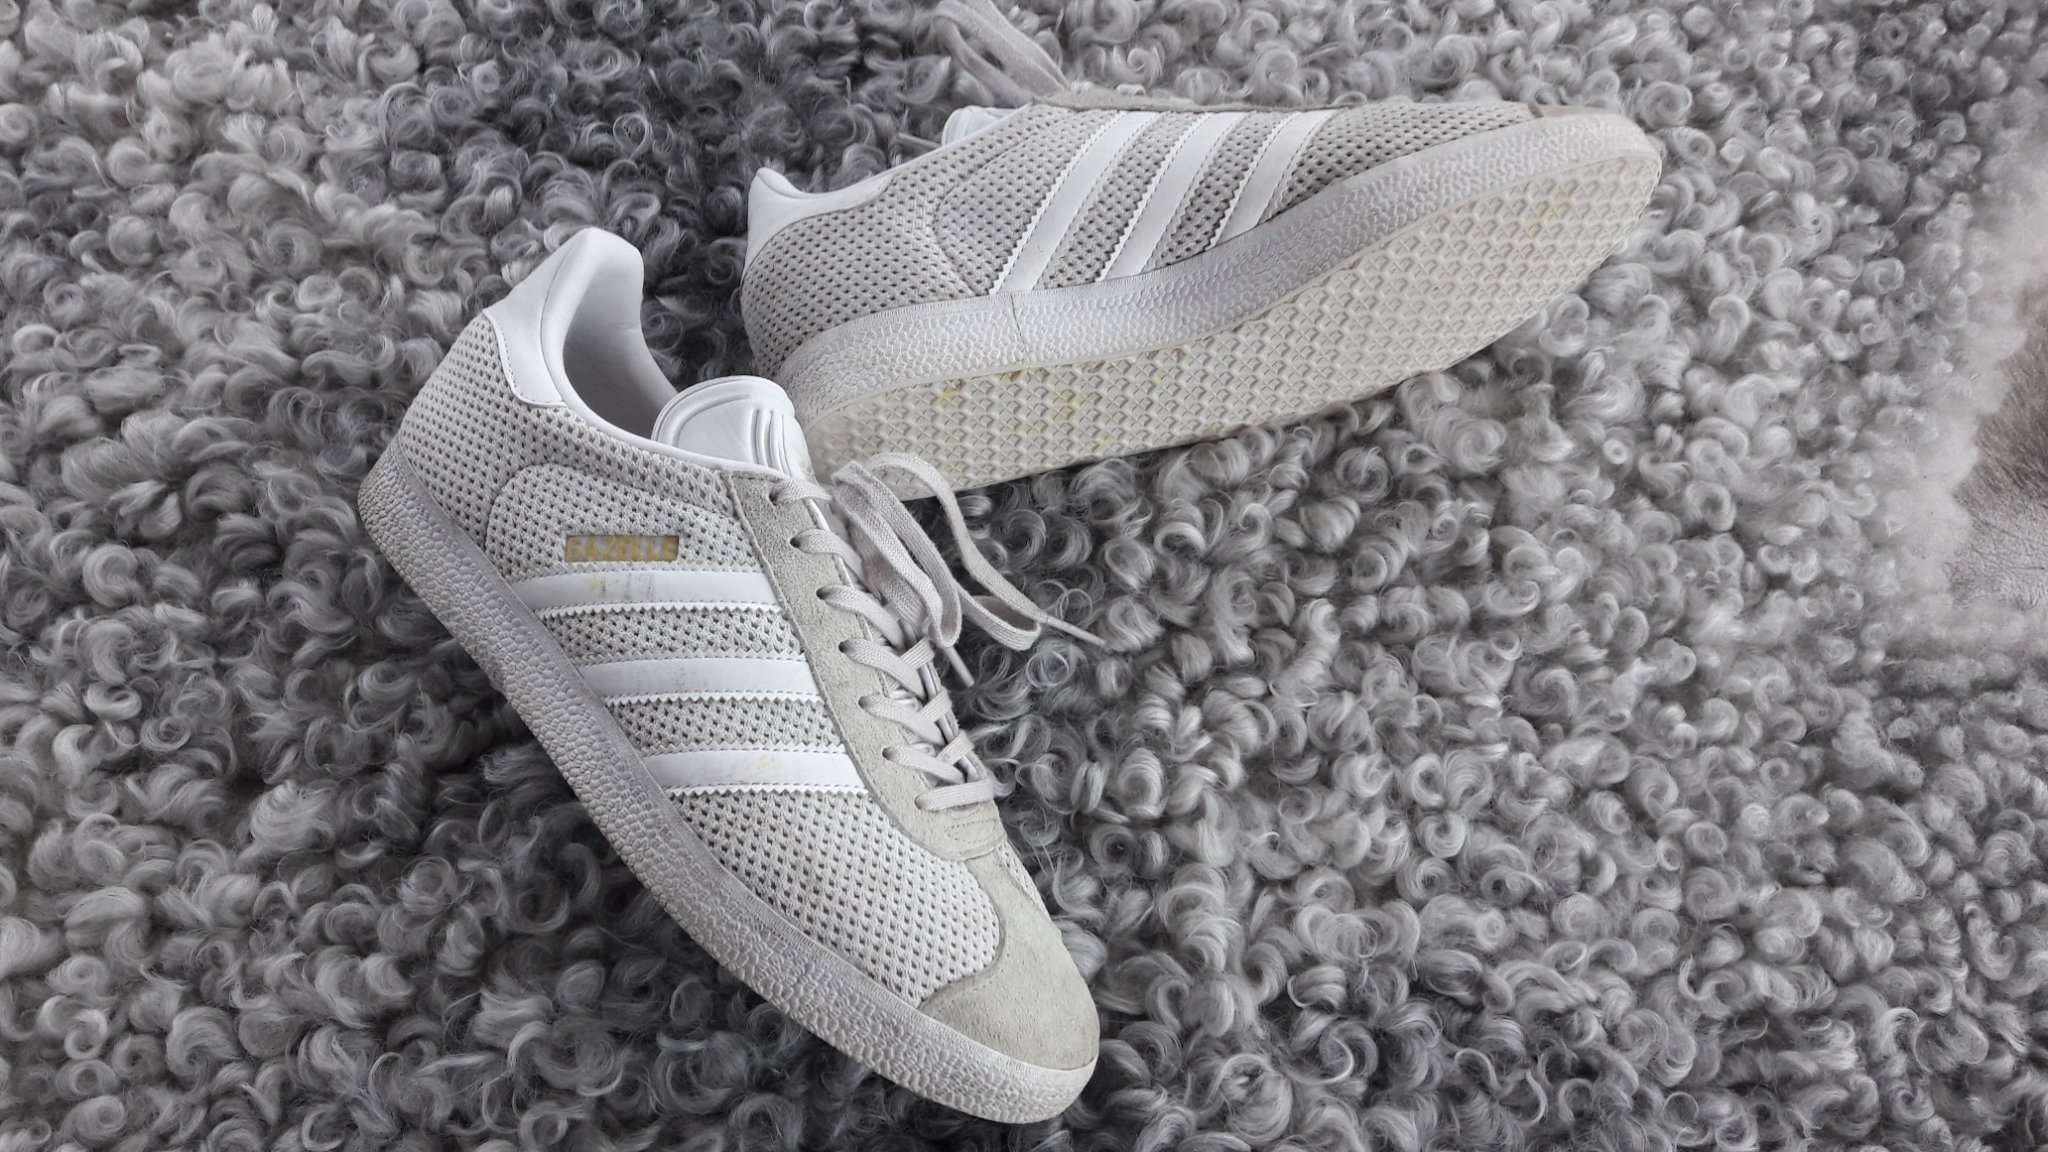 b5503c712af Snygga Adidas Gazelle mocka sport retro skor sneakers vintage känsla unisex  40.5 ...